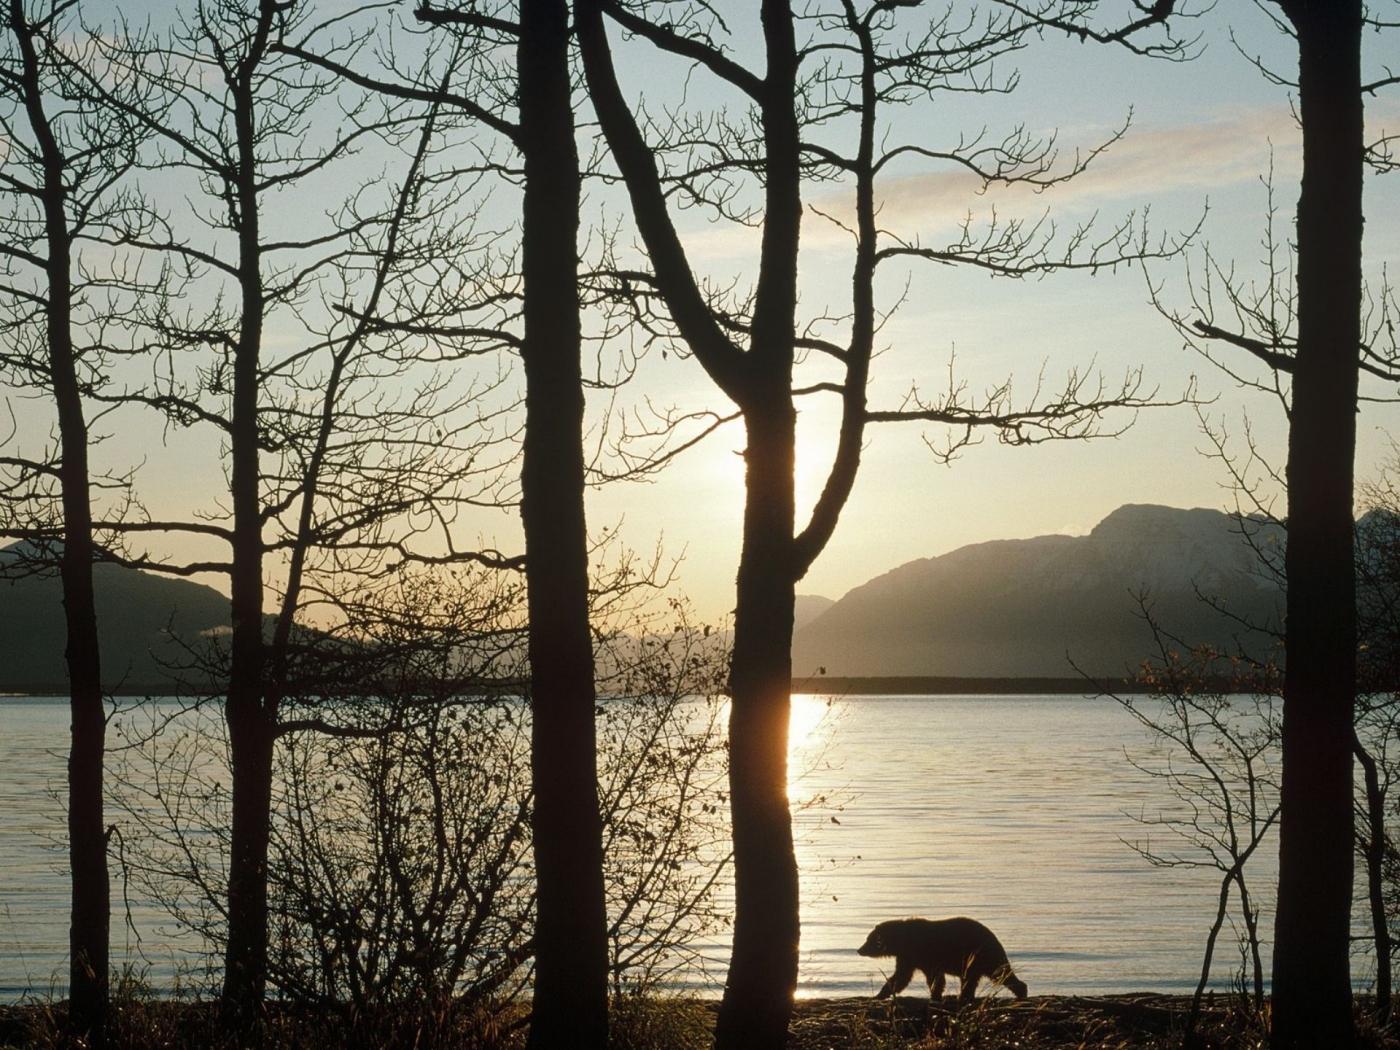 27908 скачать обои Животные, Пейзаж, Река, Деревья, Медведи - заставки и картинки бесплатно